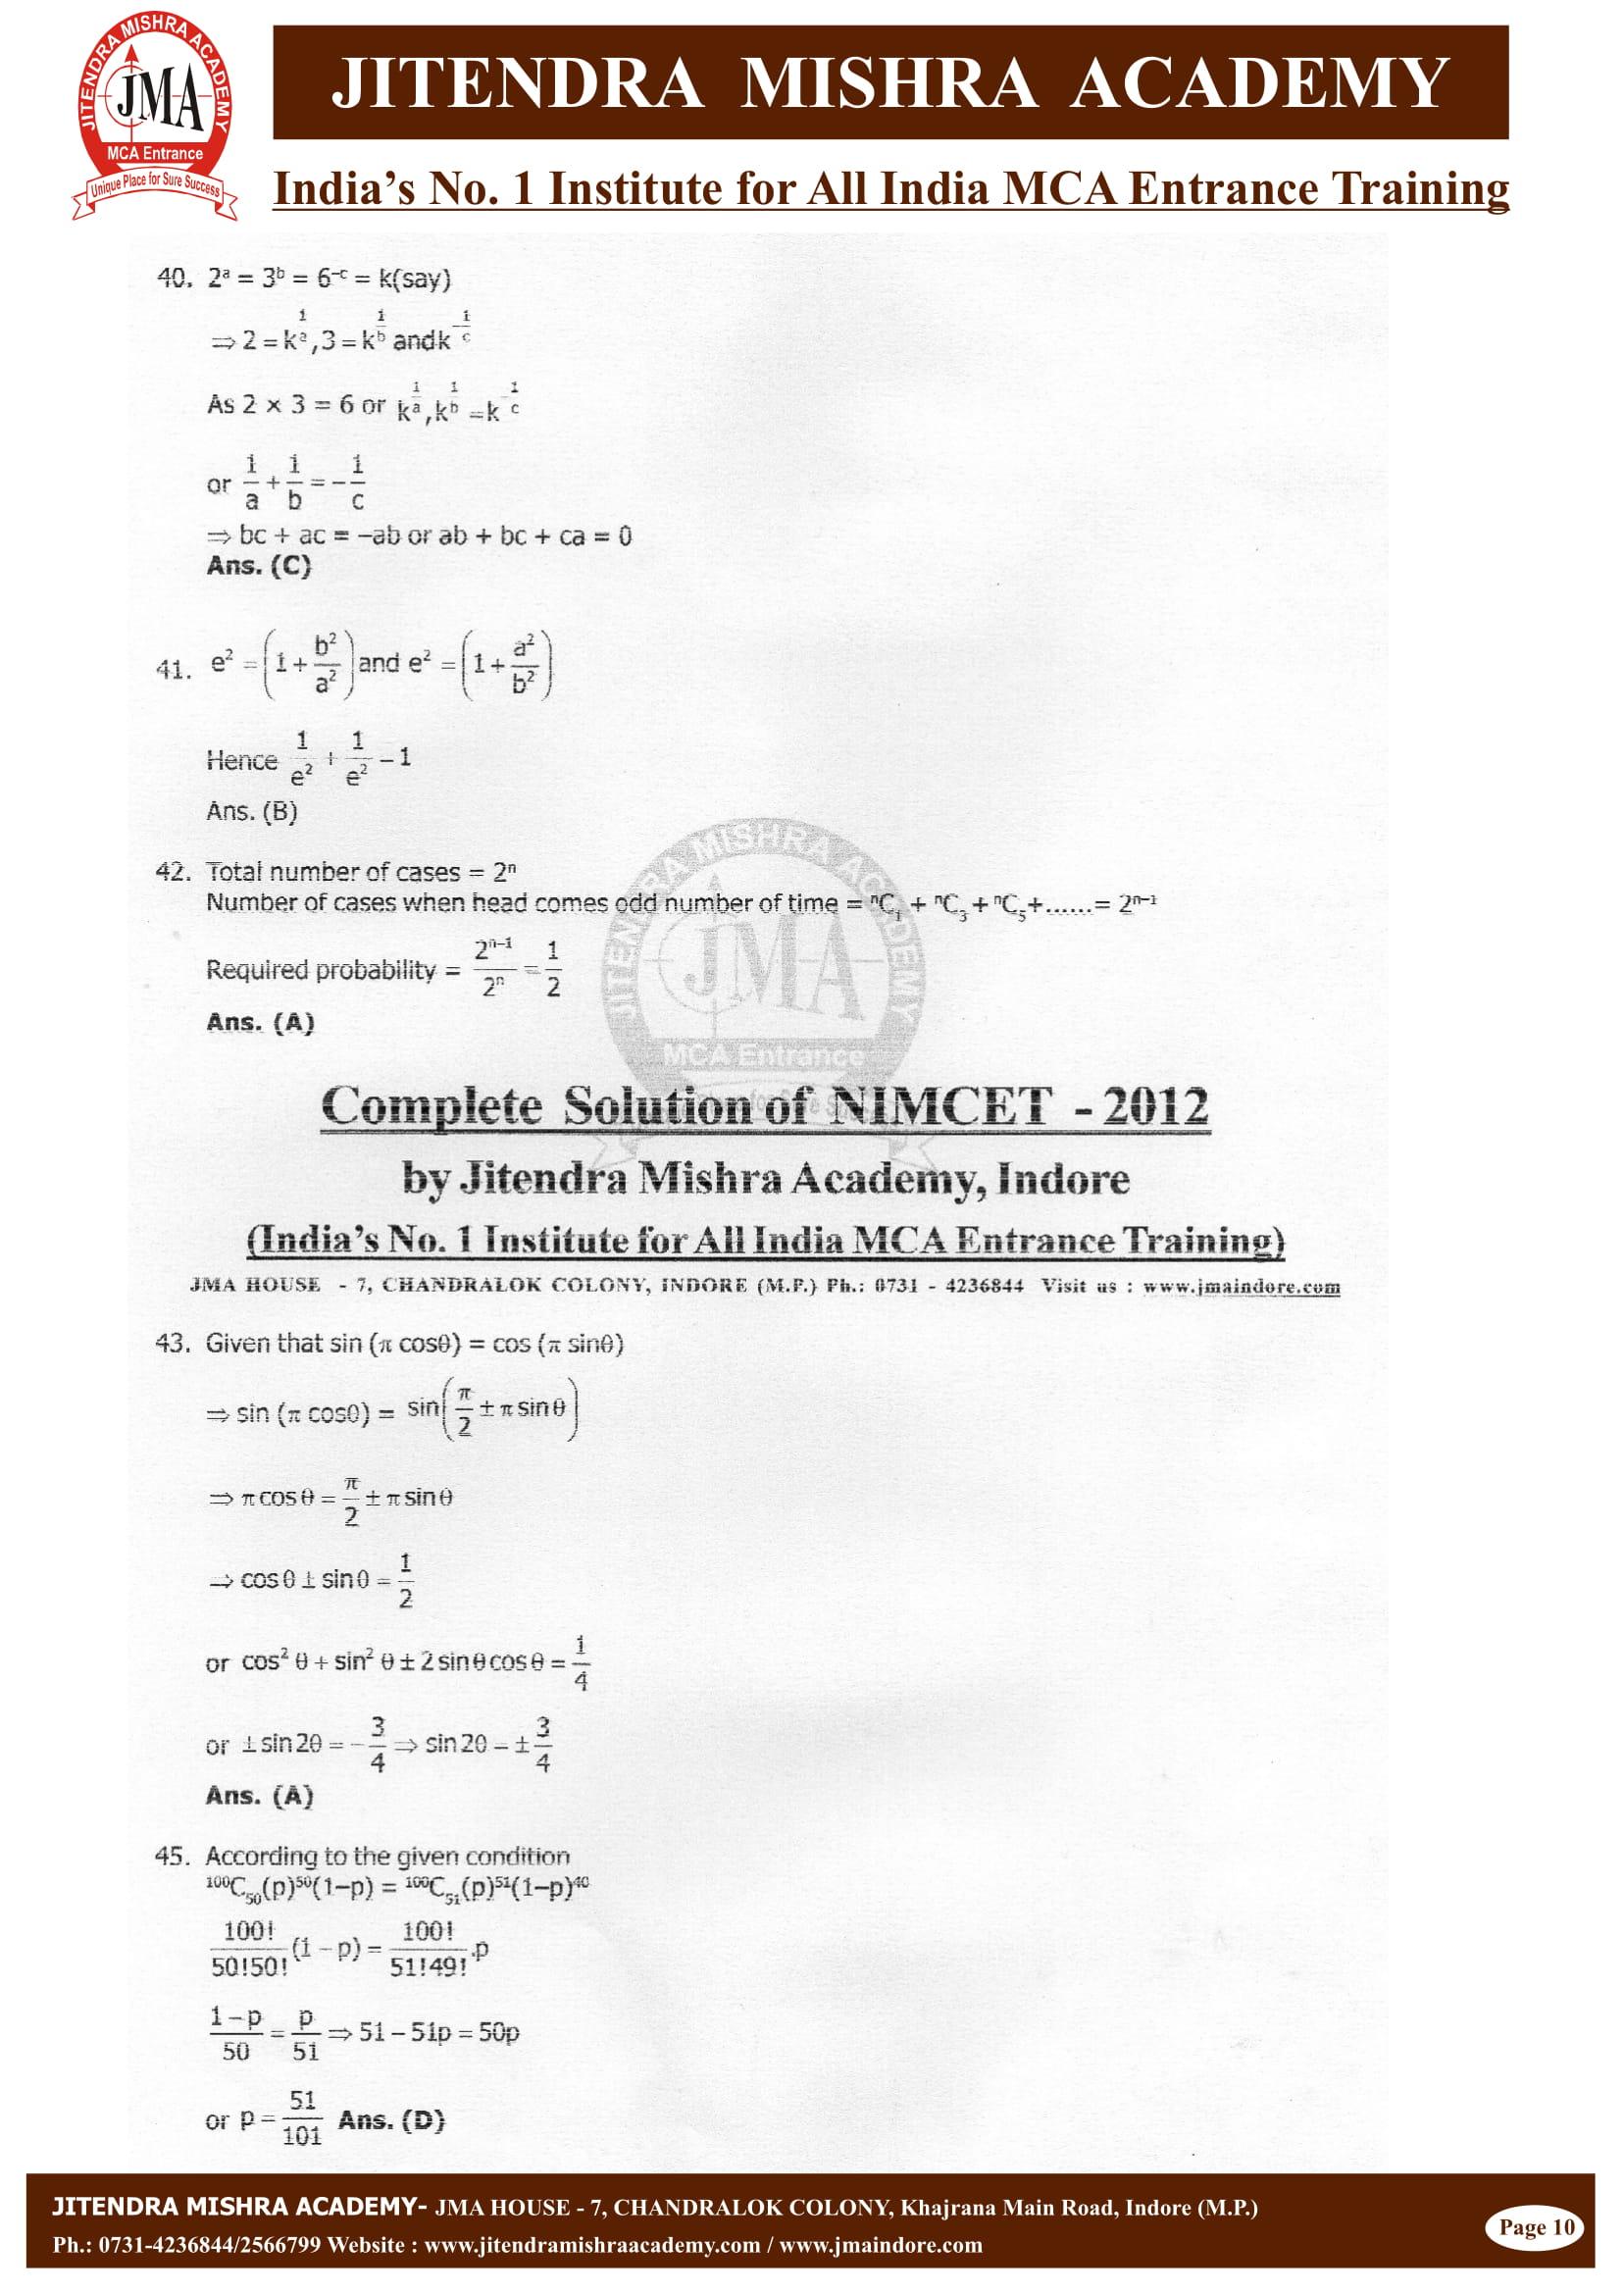 NIMCET - 2012 (SOLUTION)-10